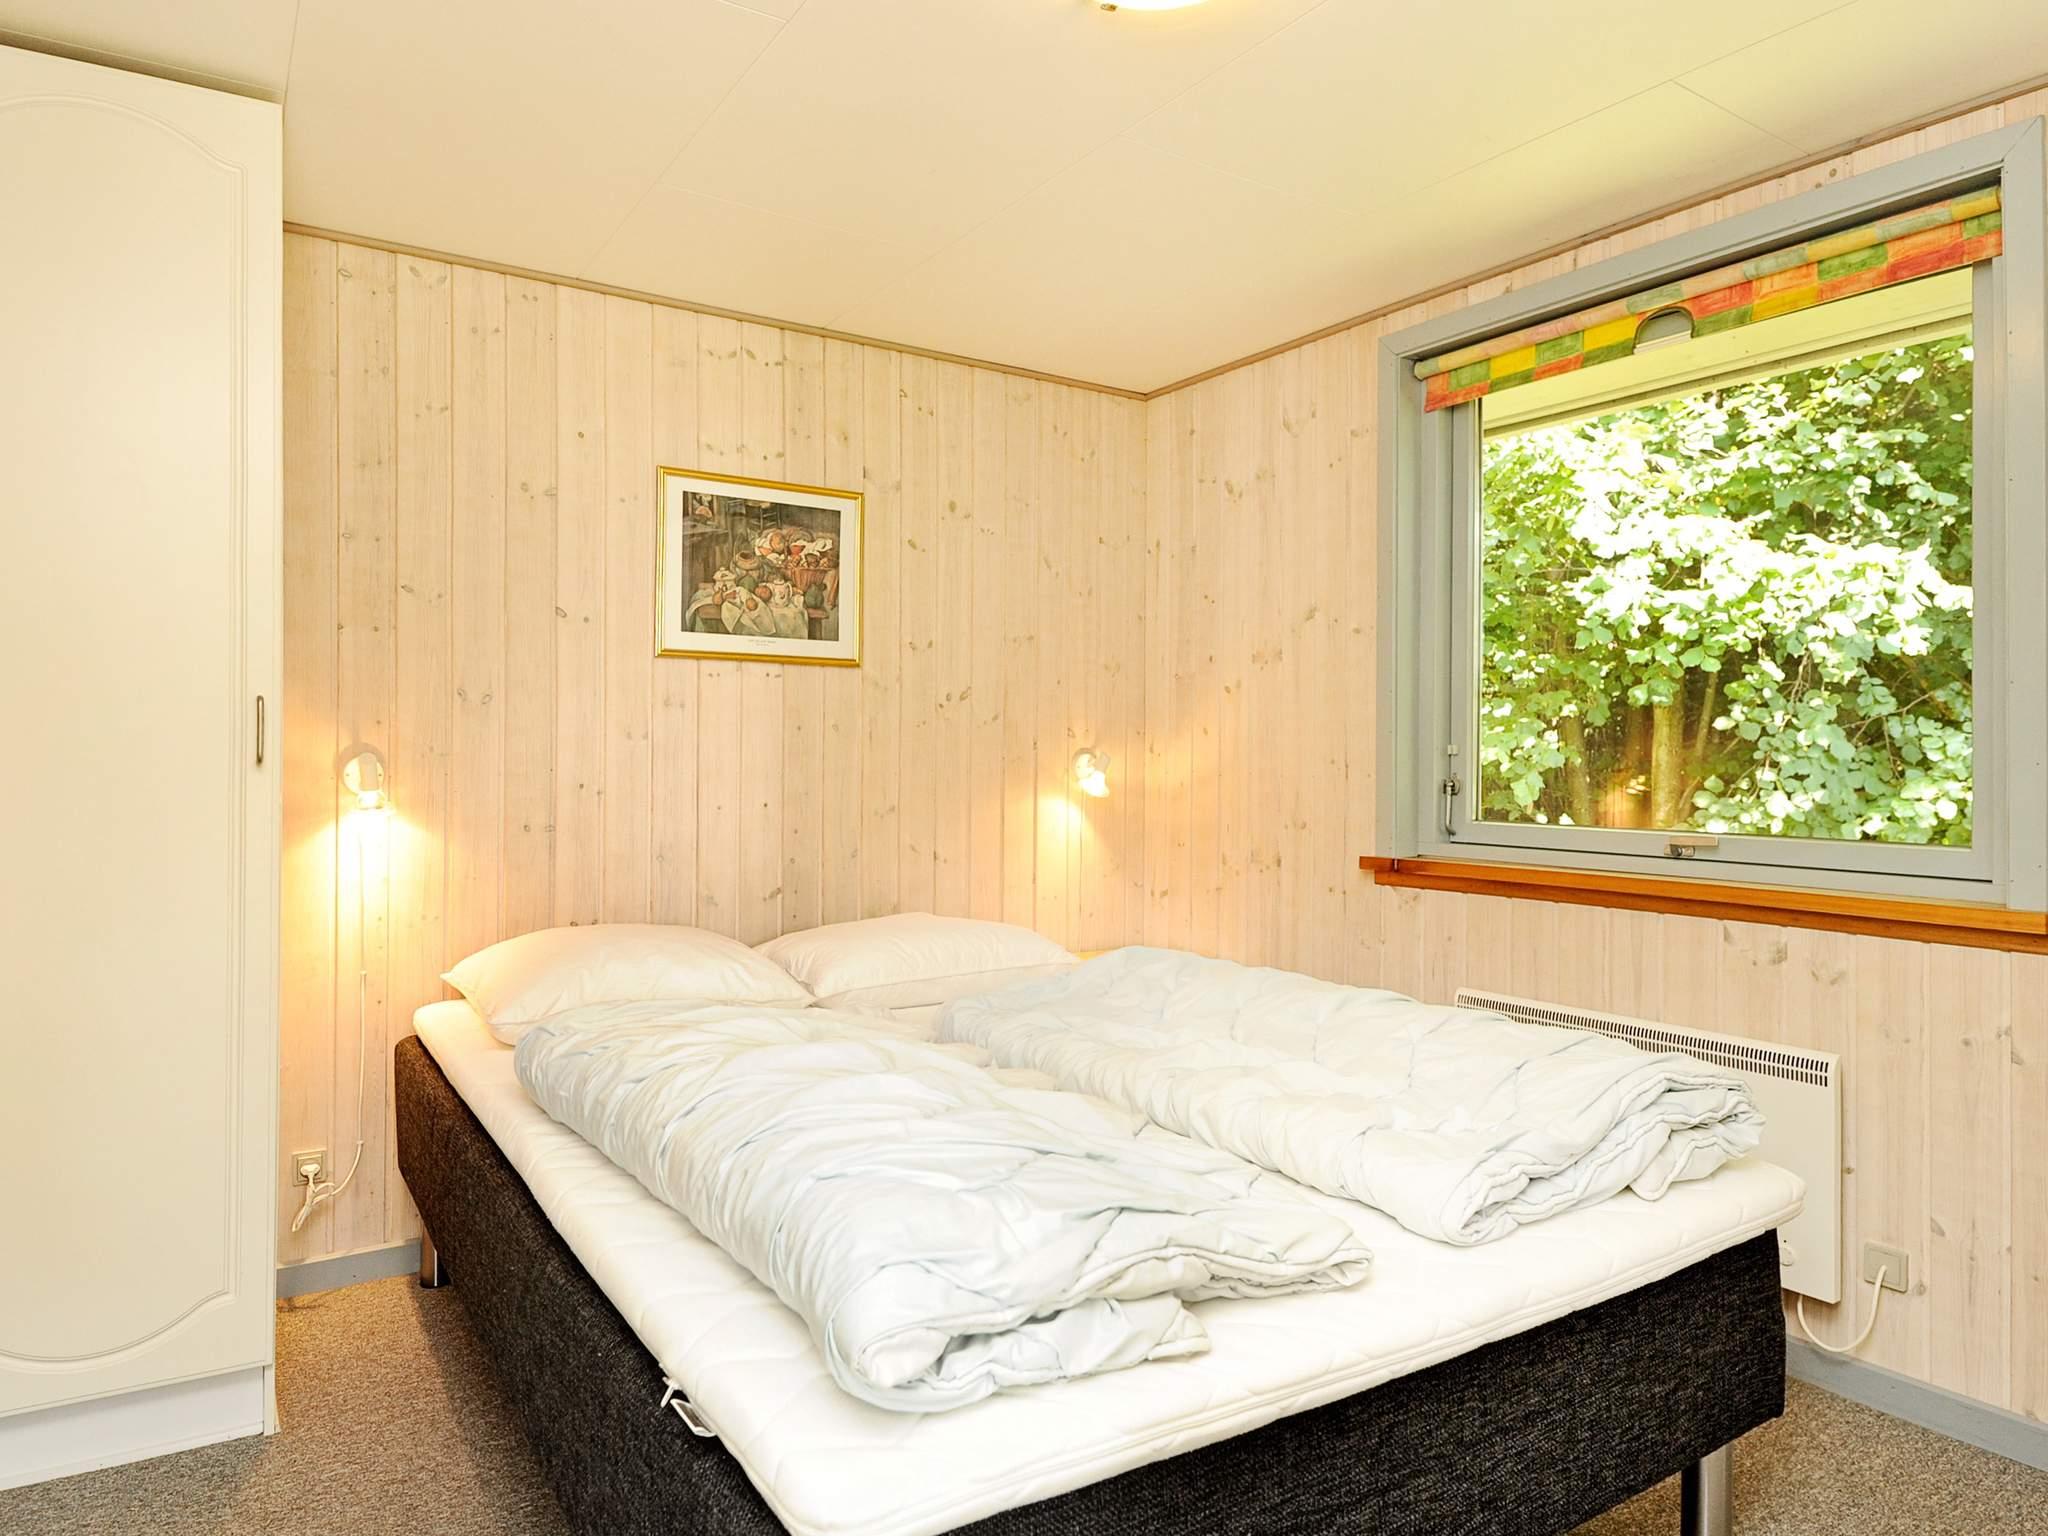 Ferienhaus Hvidbjerg (82128), Hvidbjerg, , Ostjütland, Dänemark, Bild 4